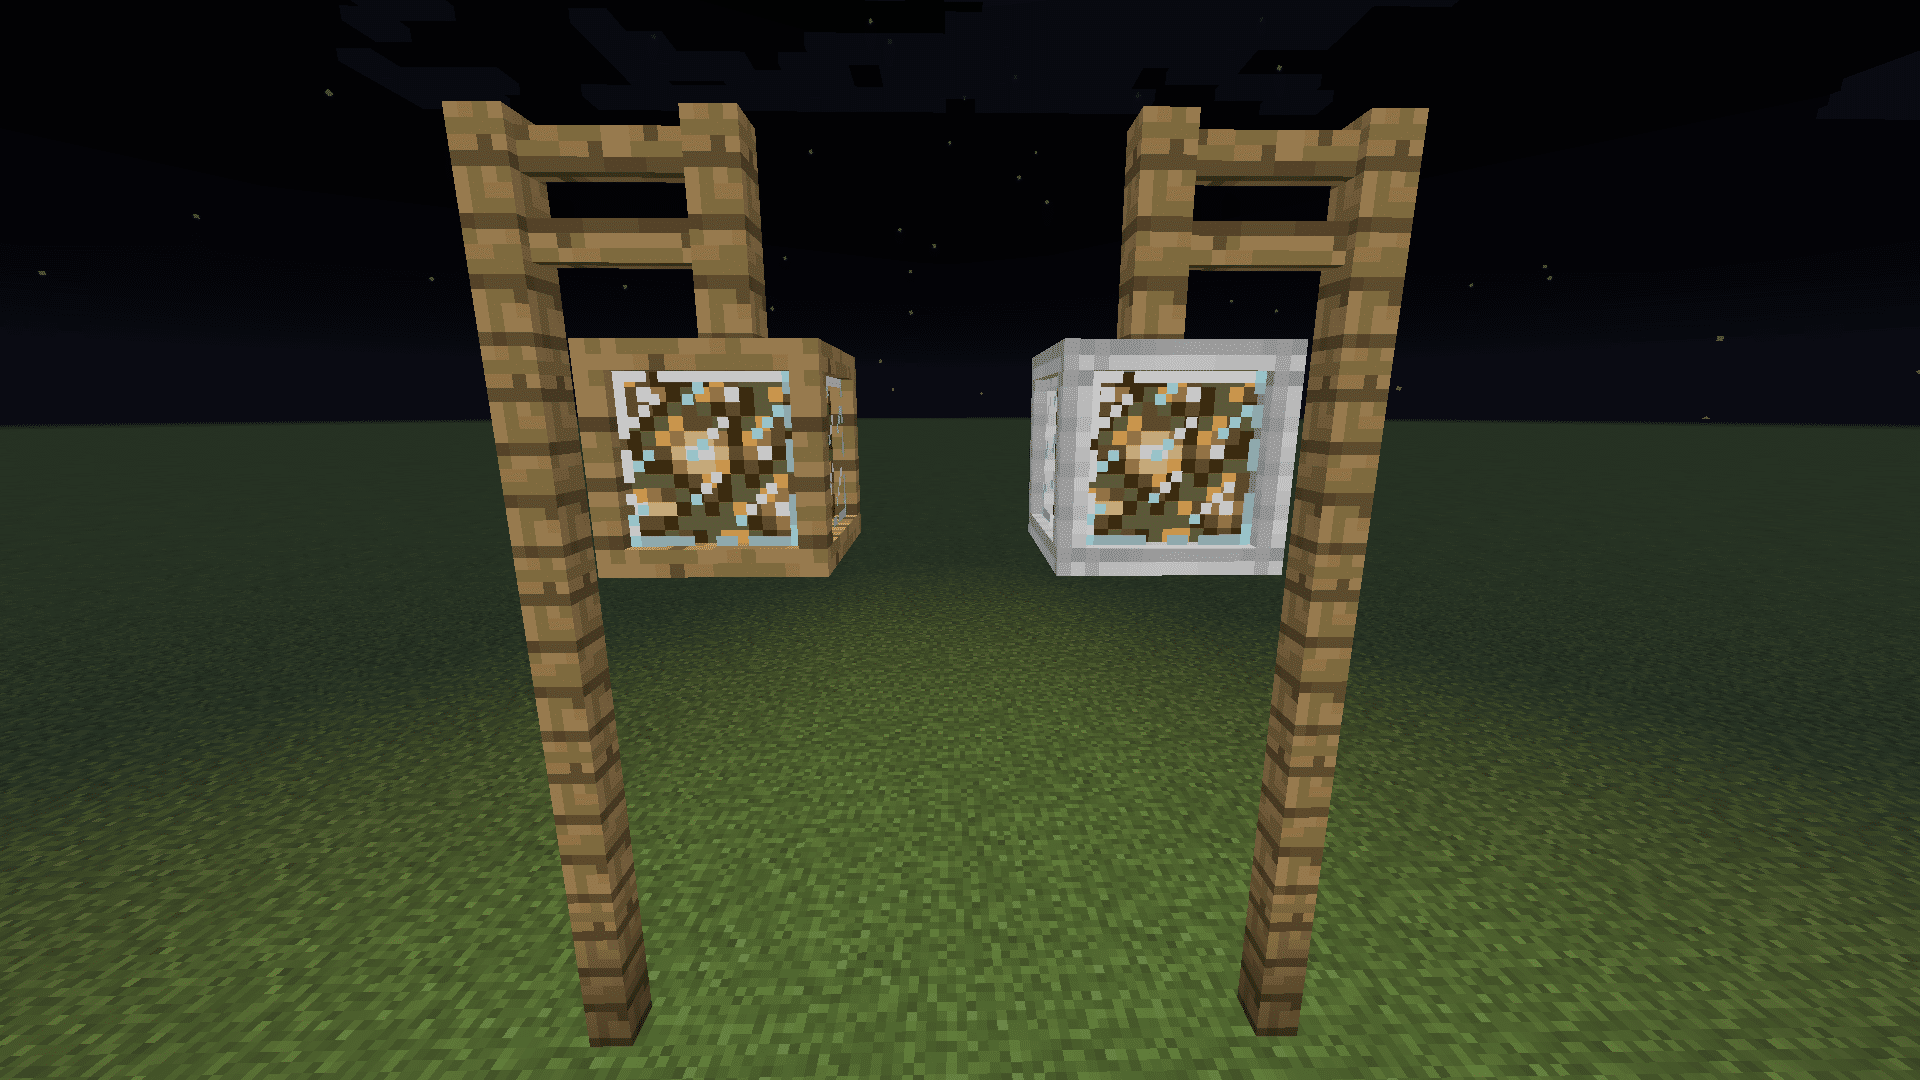 lampadaires de lux lighting - Lampadaire Minecraft